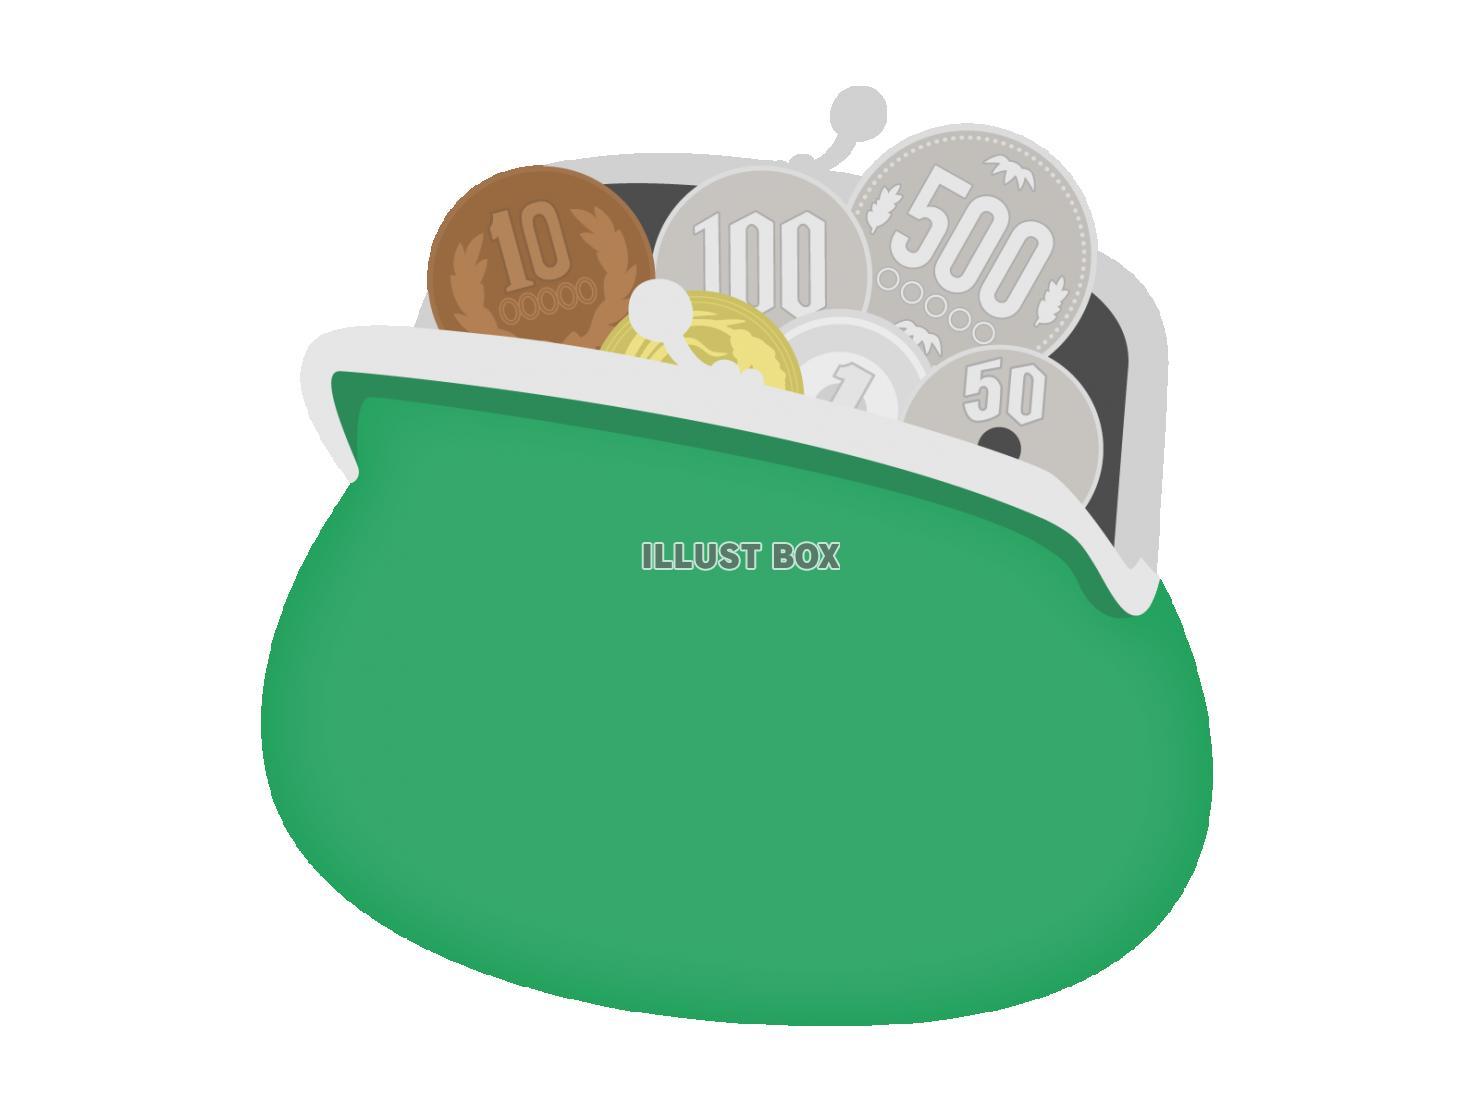 「財布イラスト」の画像検索結果